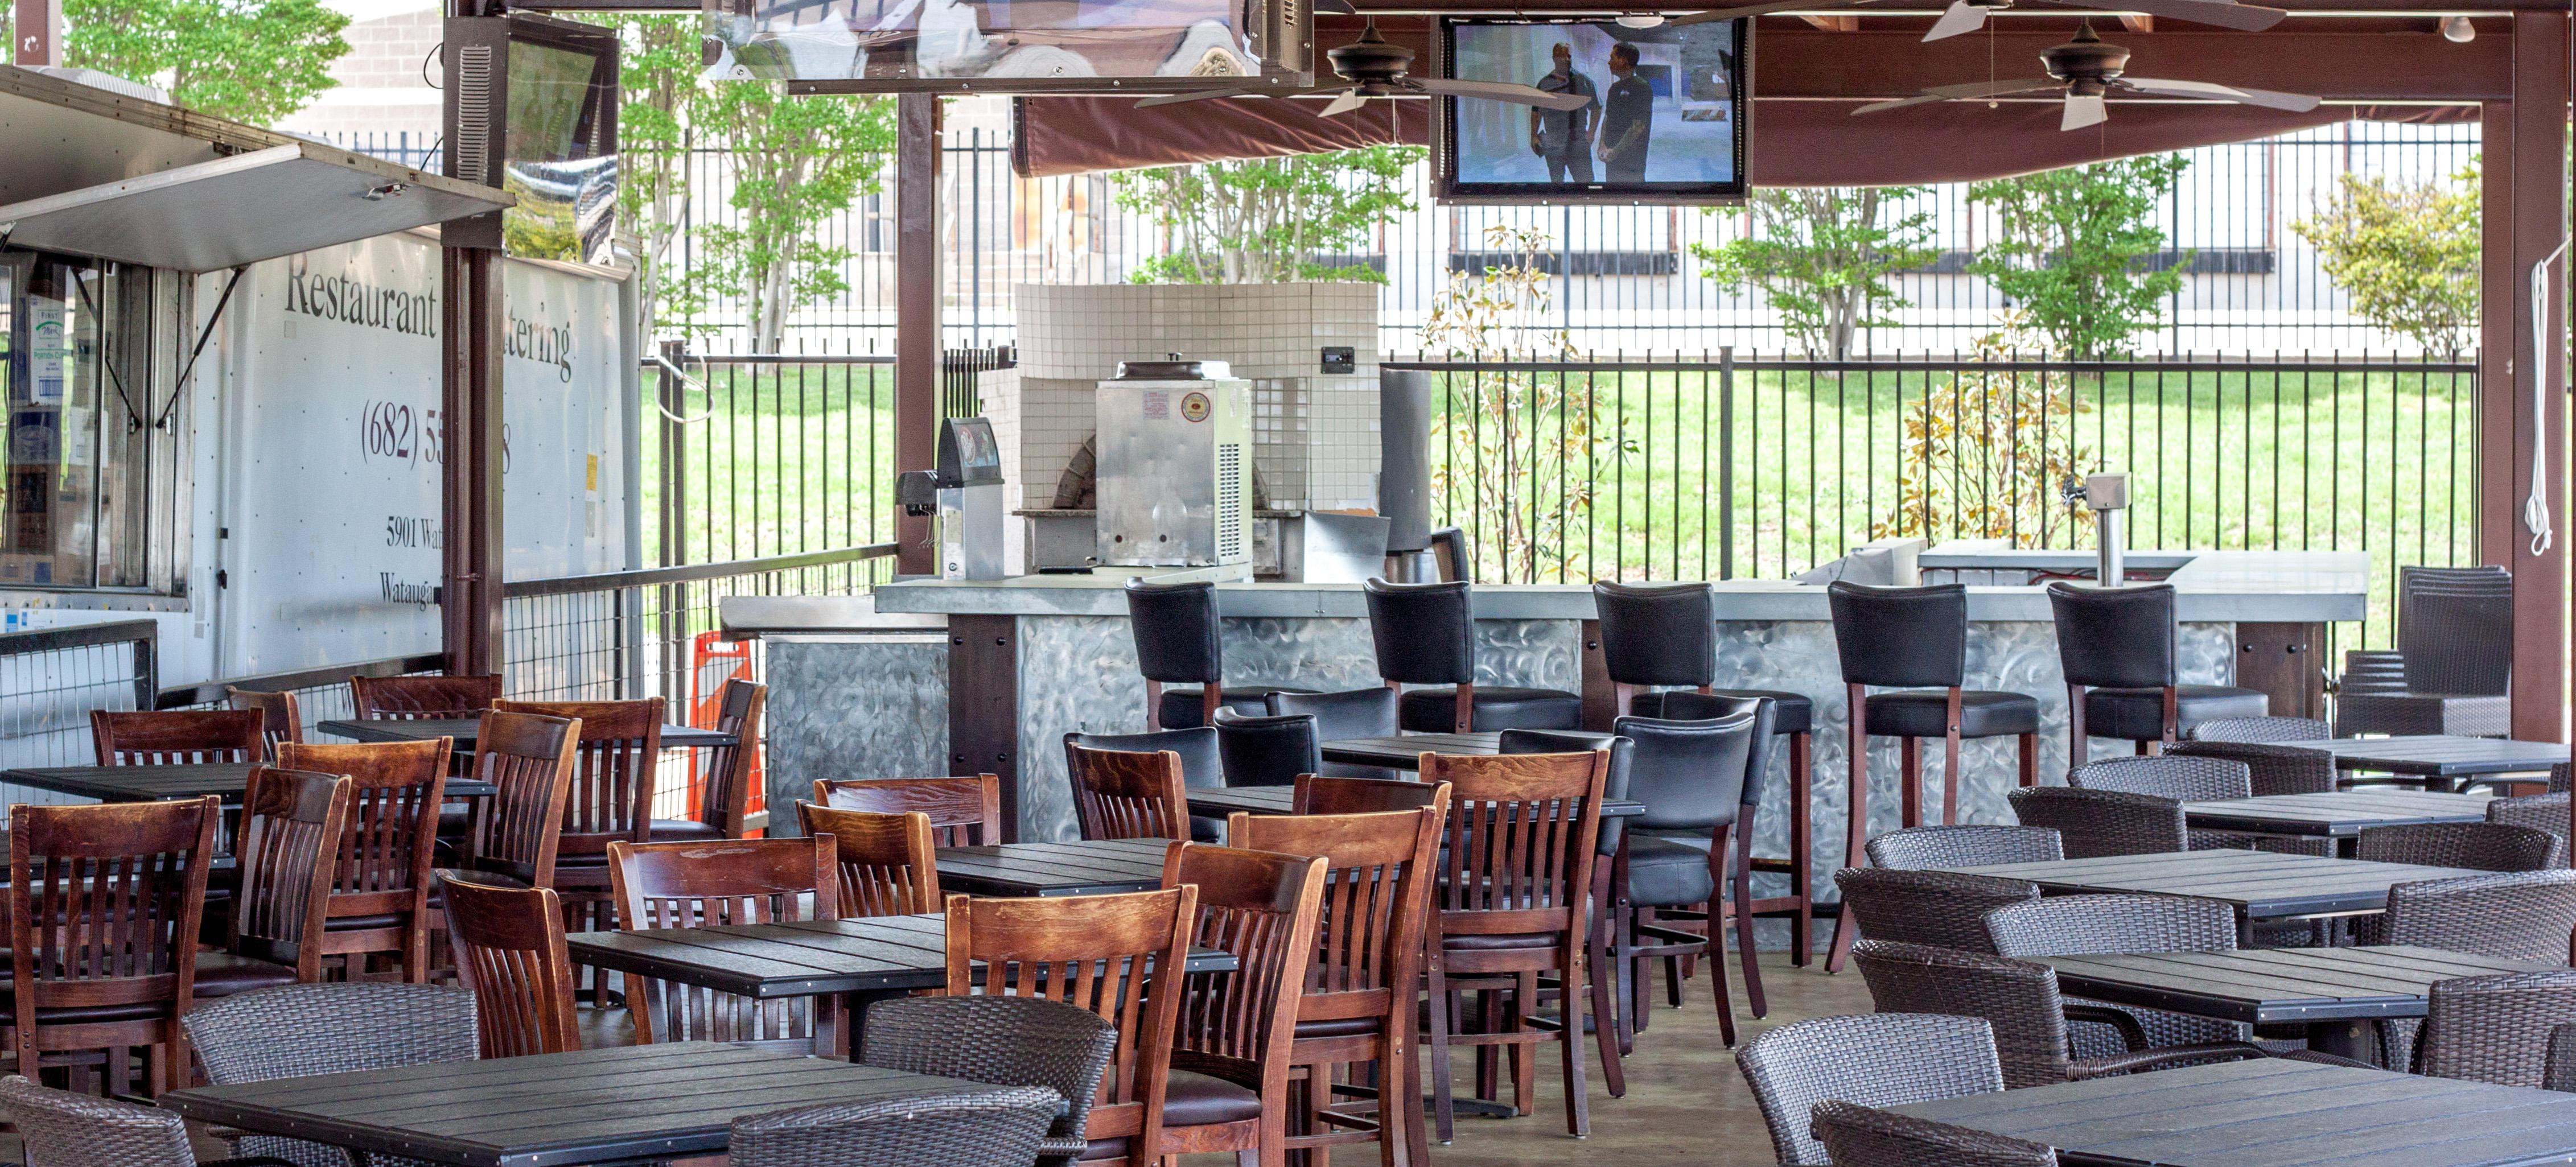 Chef Point Bar & Restaurant